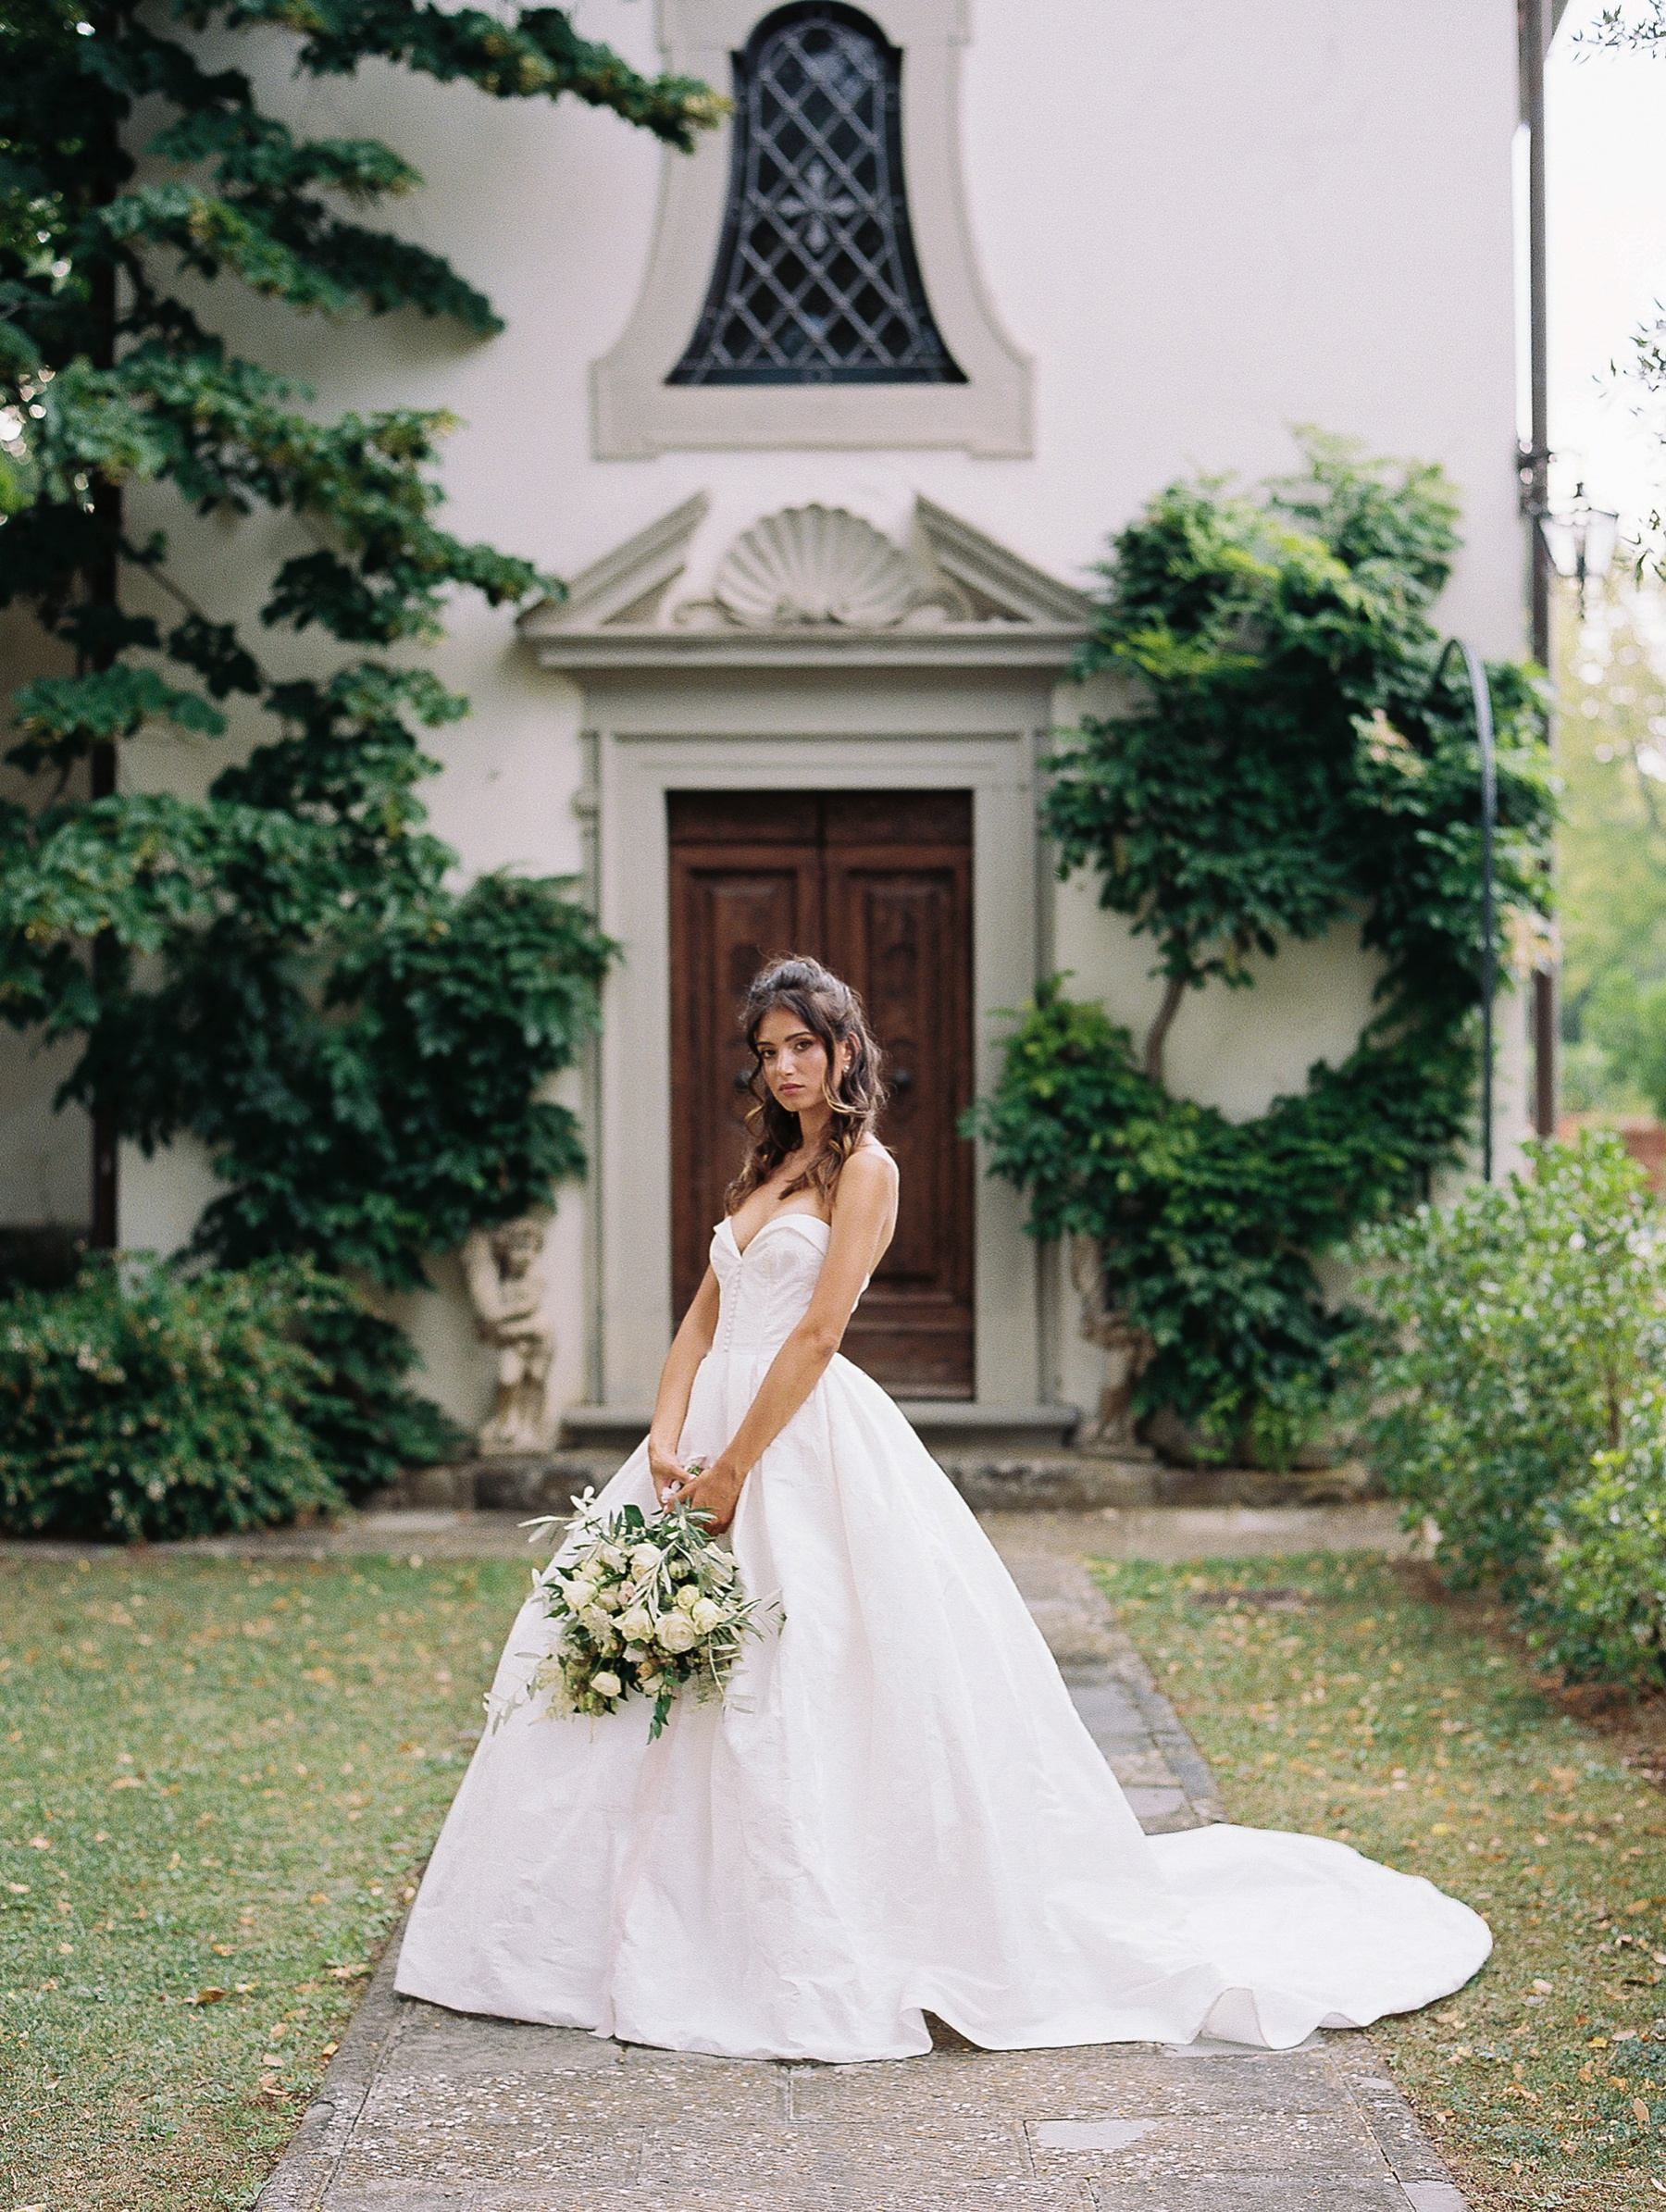 Il Borro Tuscany Italy Wedding Photographer_0836.jpg